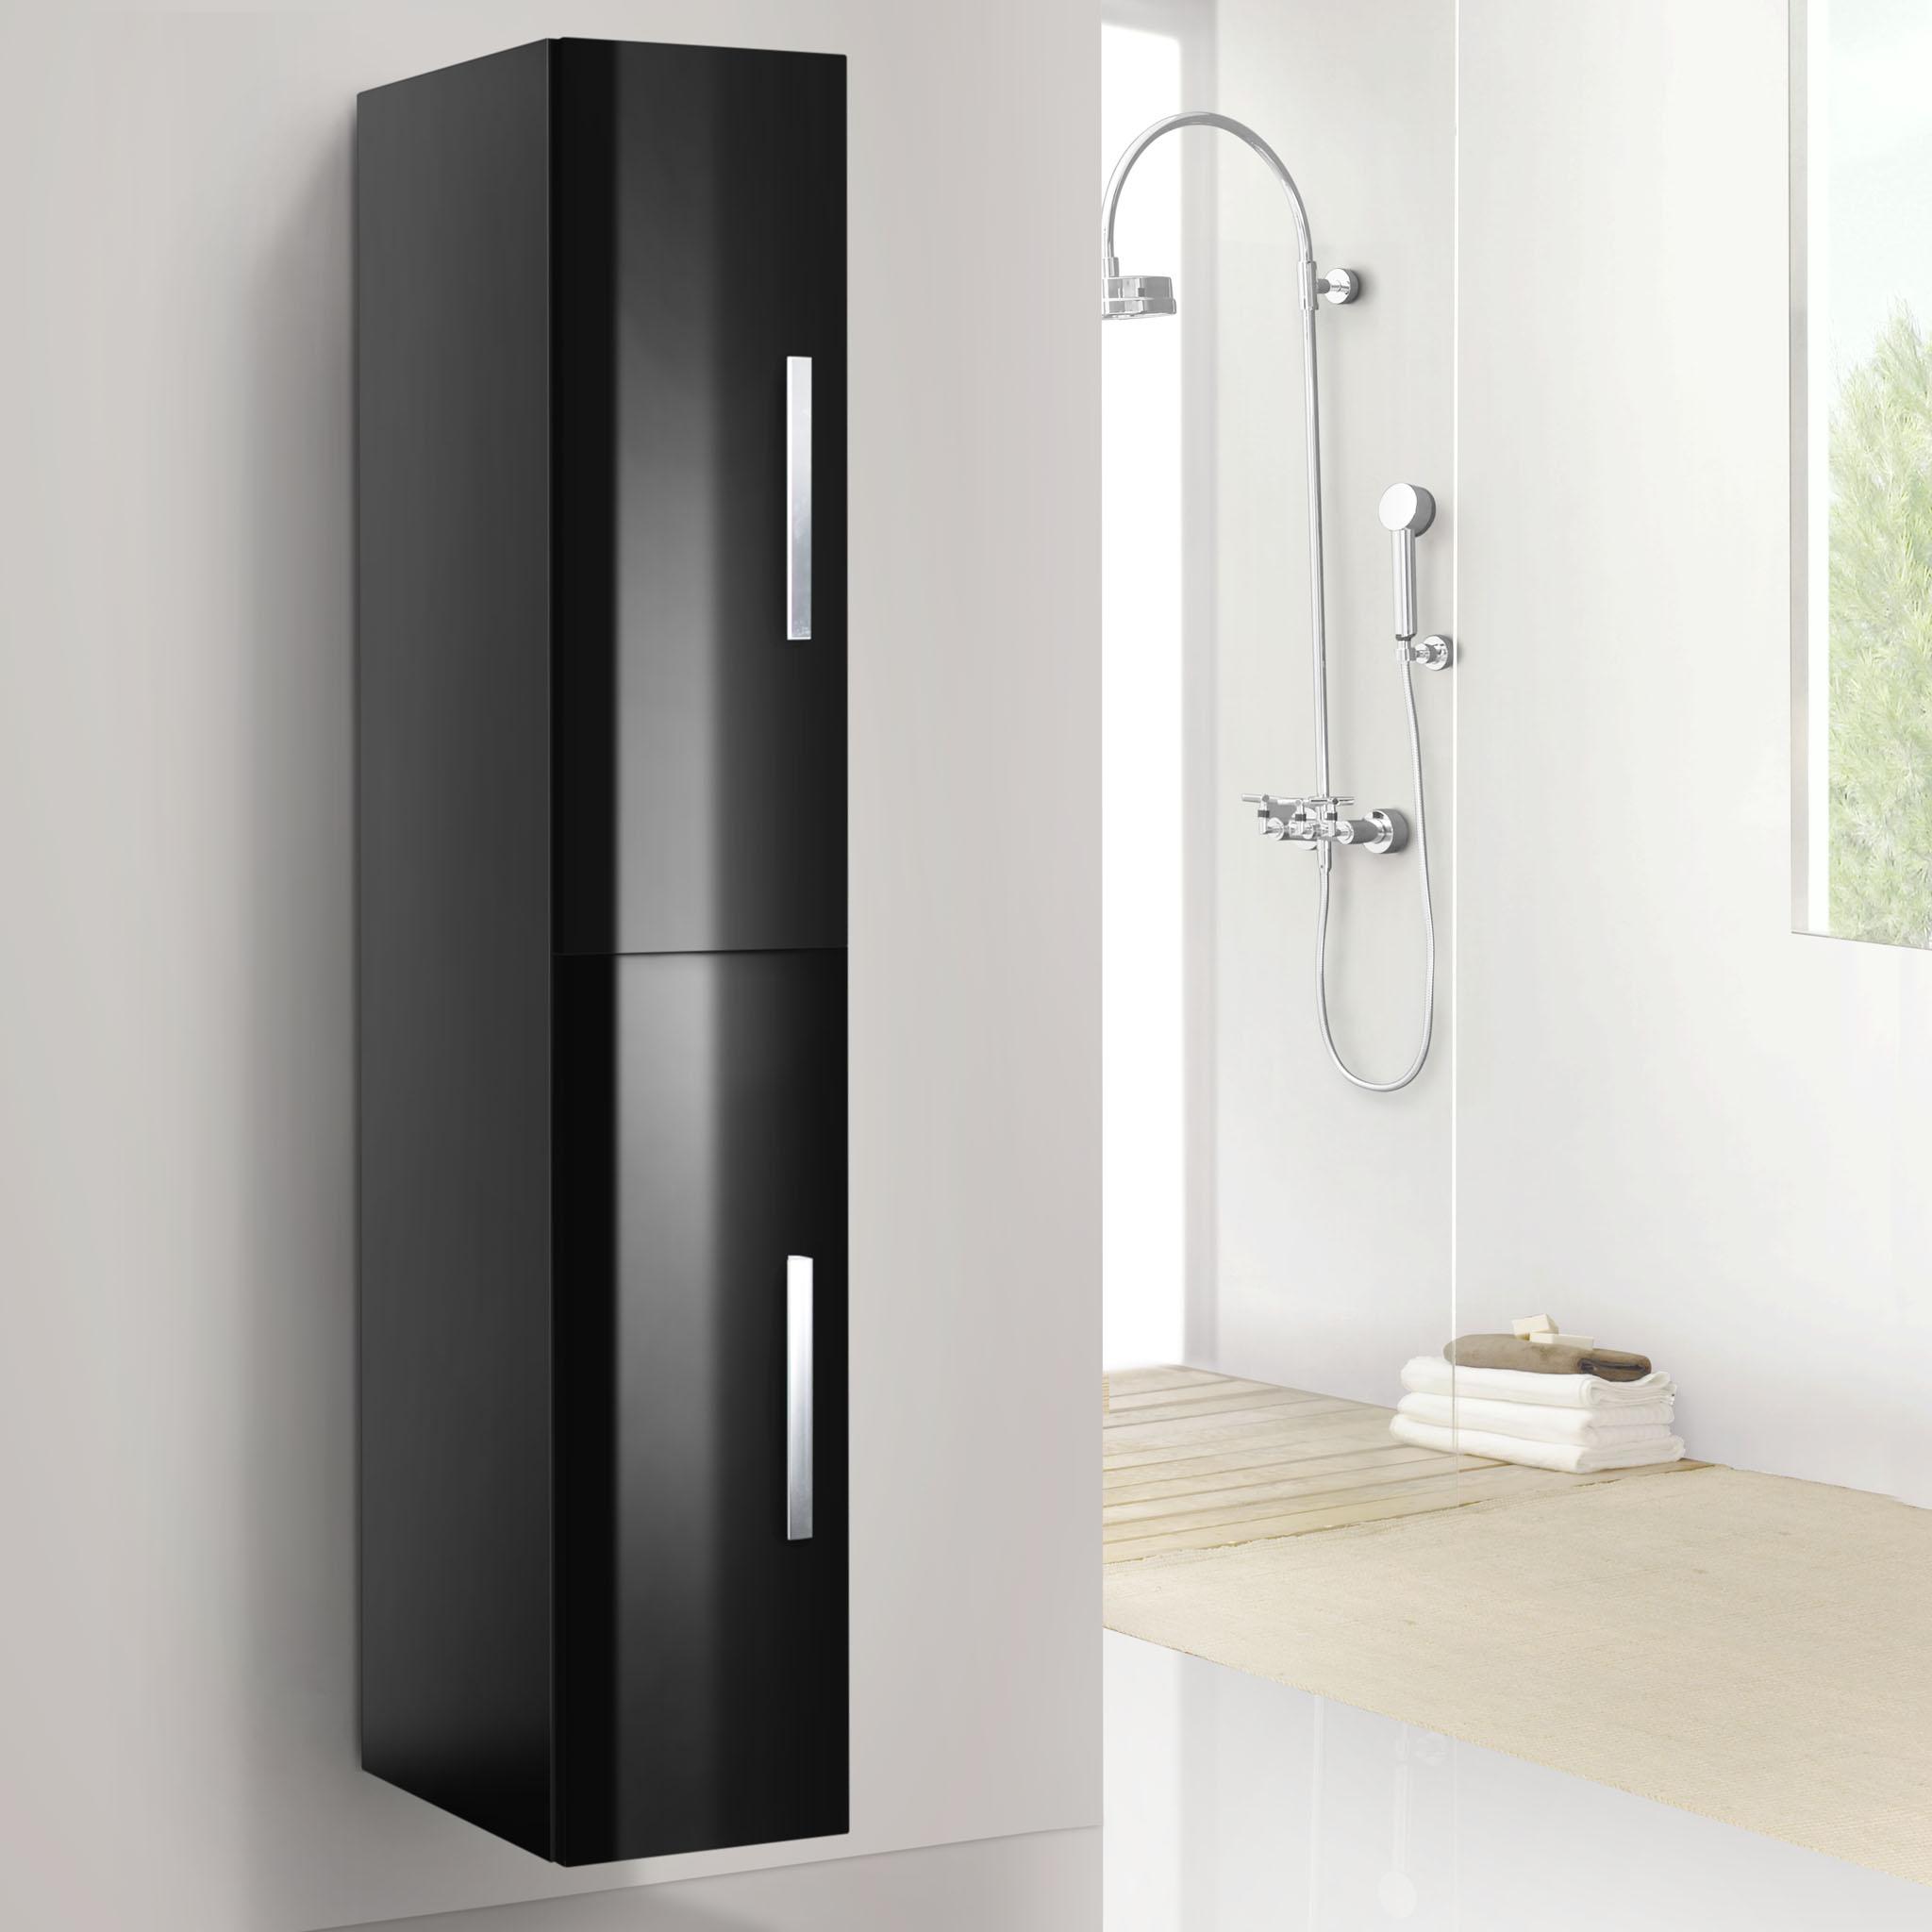 columna auxiliar modelo Plus para ba o de la mejor calidad